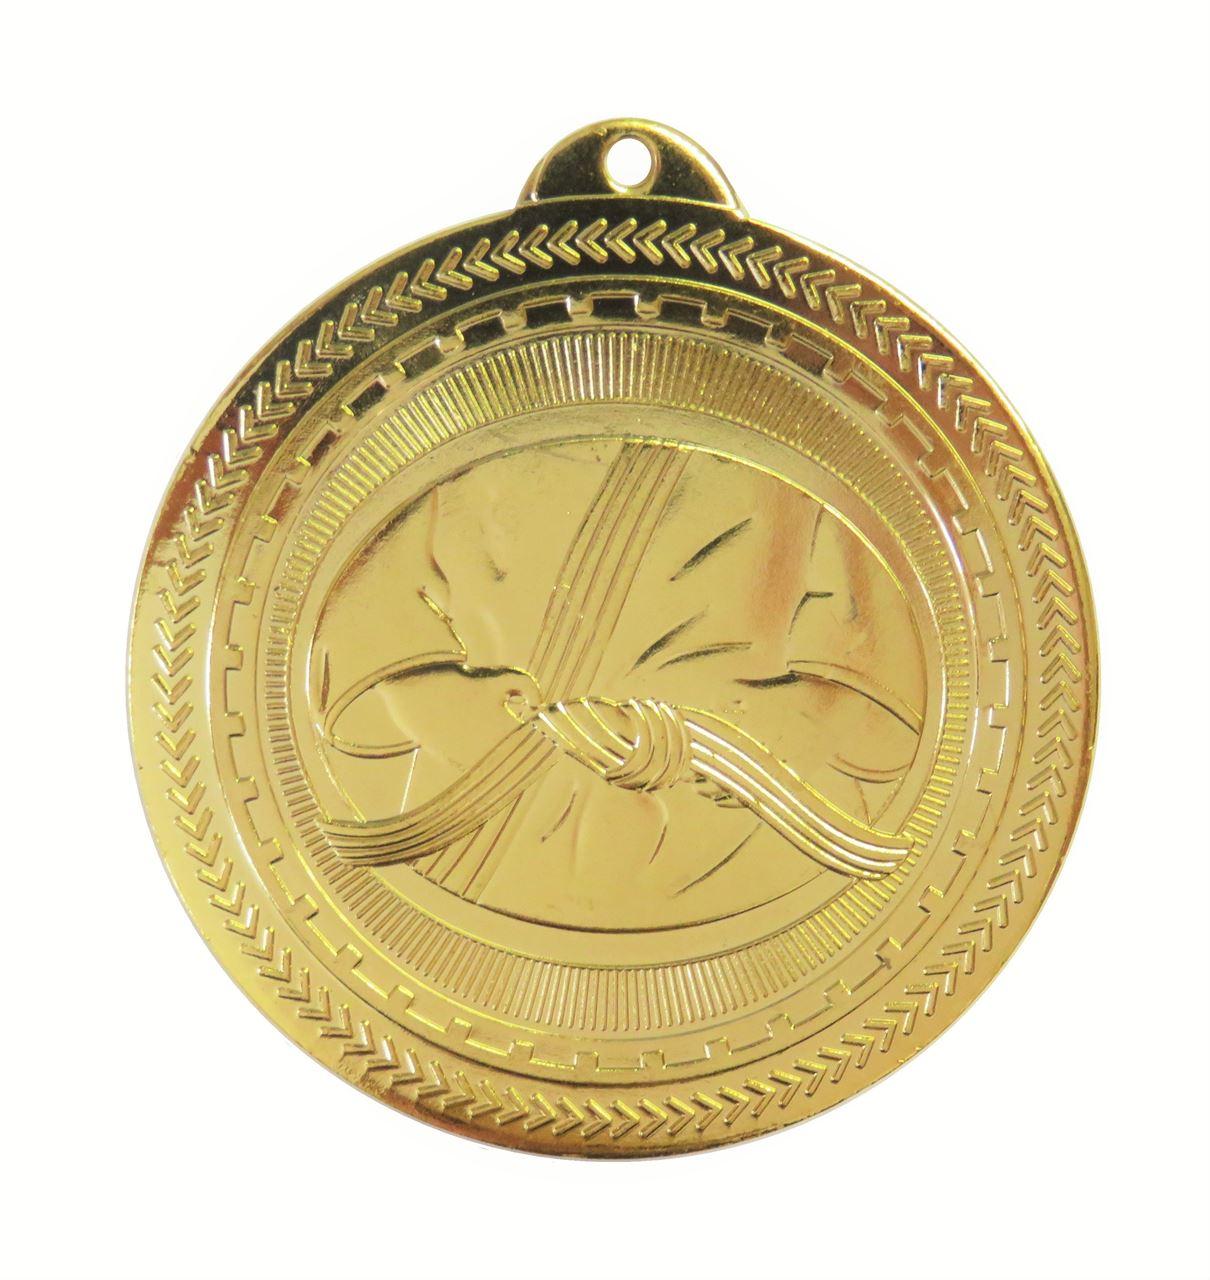 Gold Super Value Martial Arts Medal (size: 50mm) - 63504